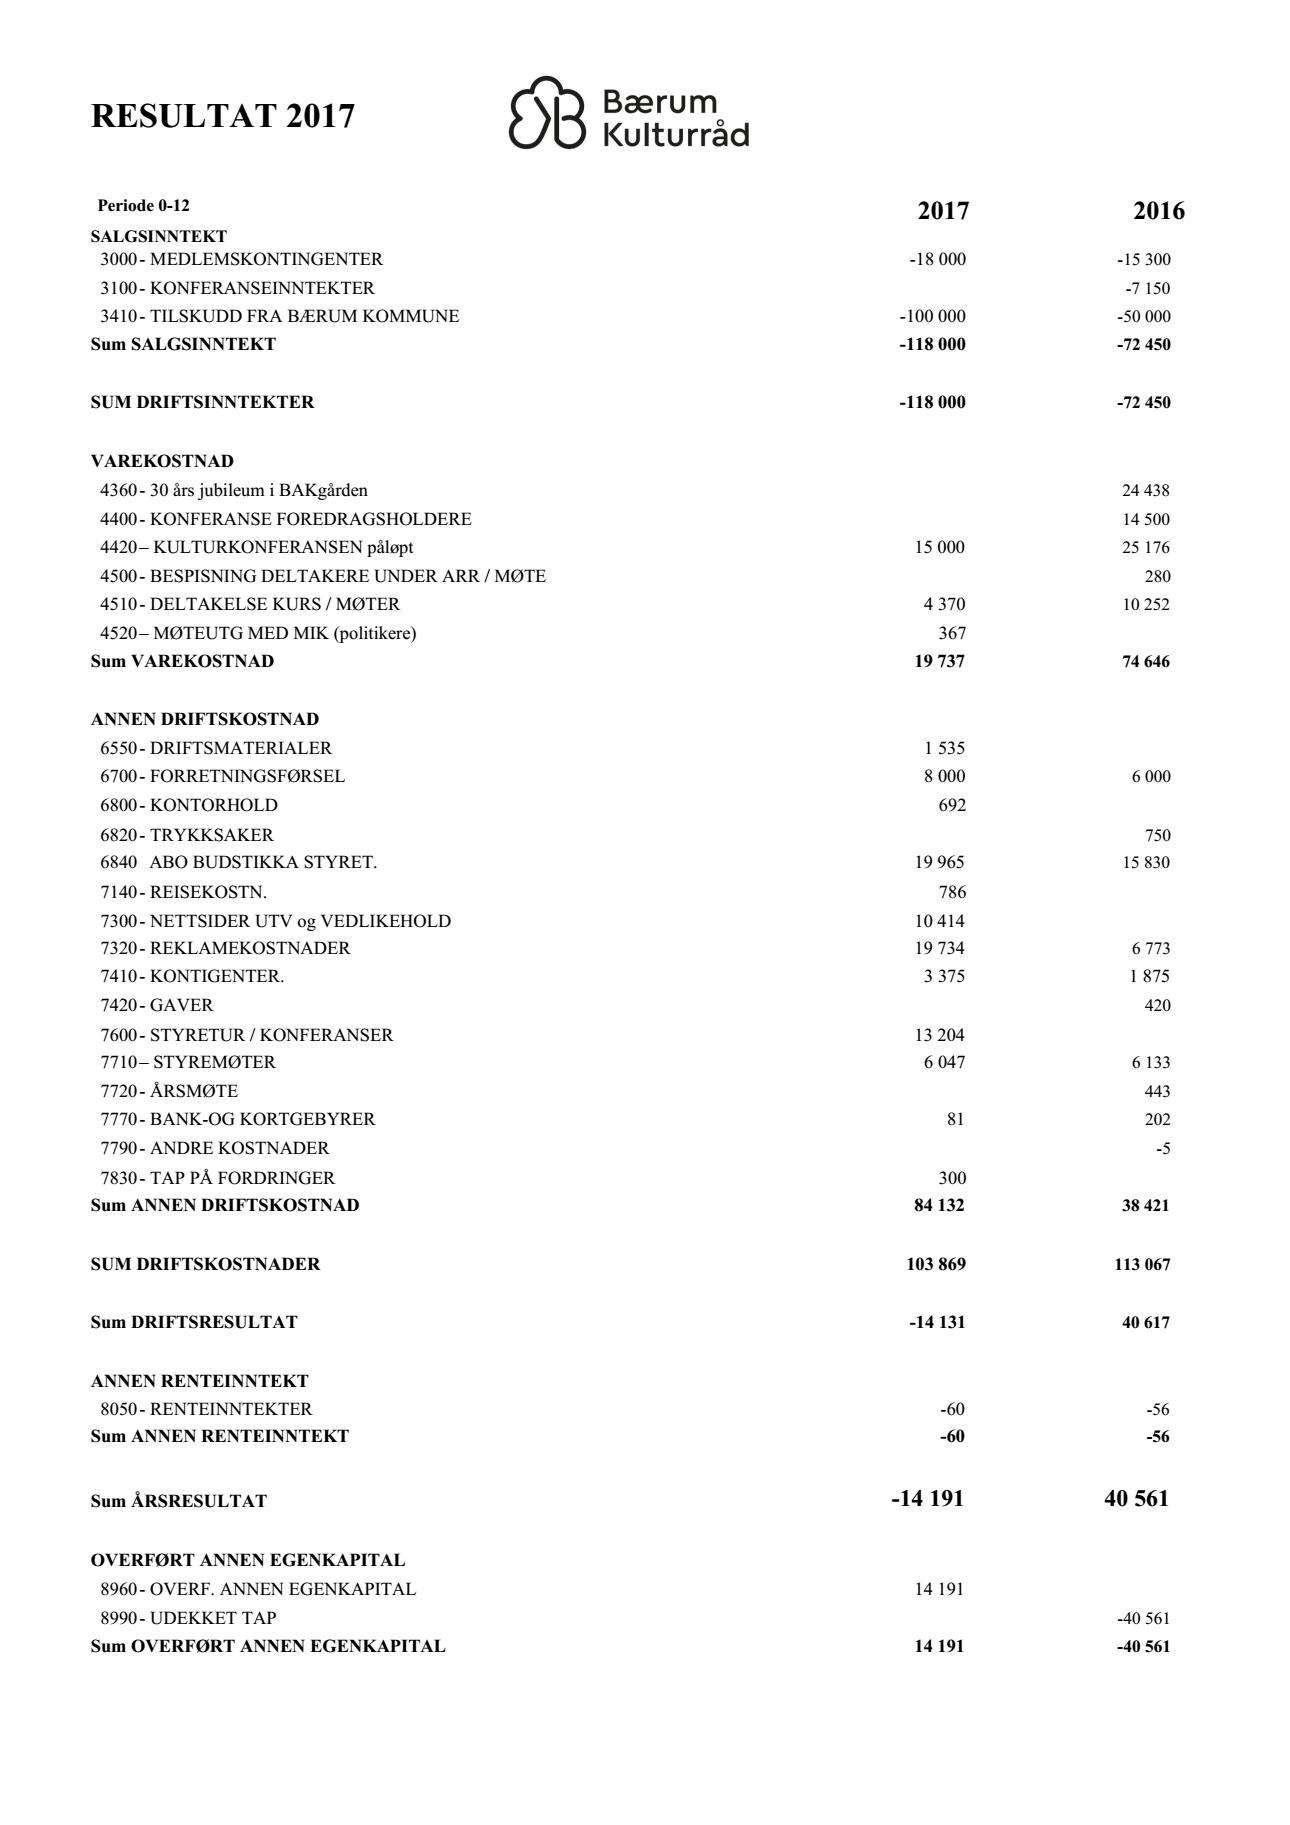 BKR Resultat 2017